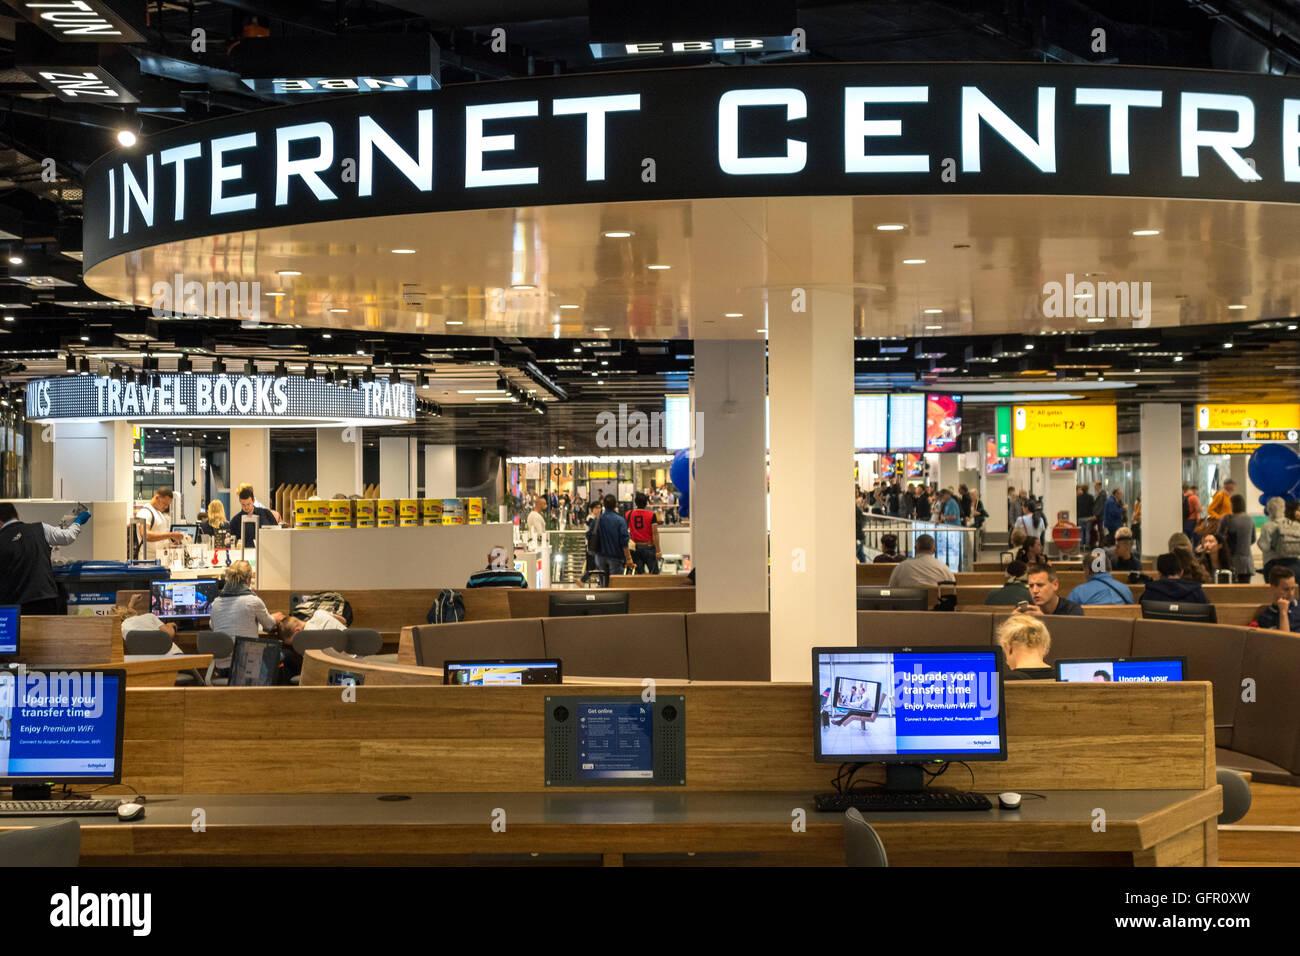 Le centre Internet, Internet Centre en salle d'embarquement à l'aéroport Schiphol Amsterdam 2 Photo Stock